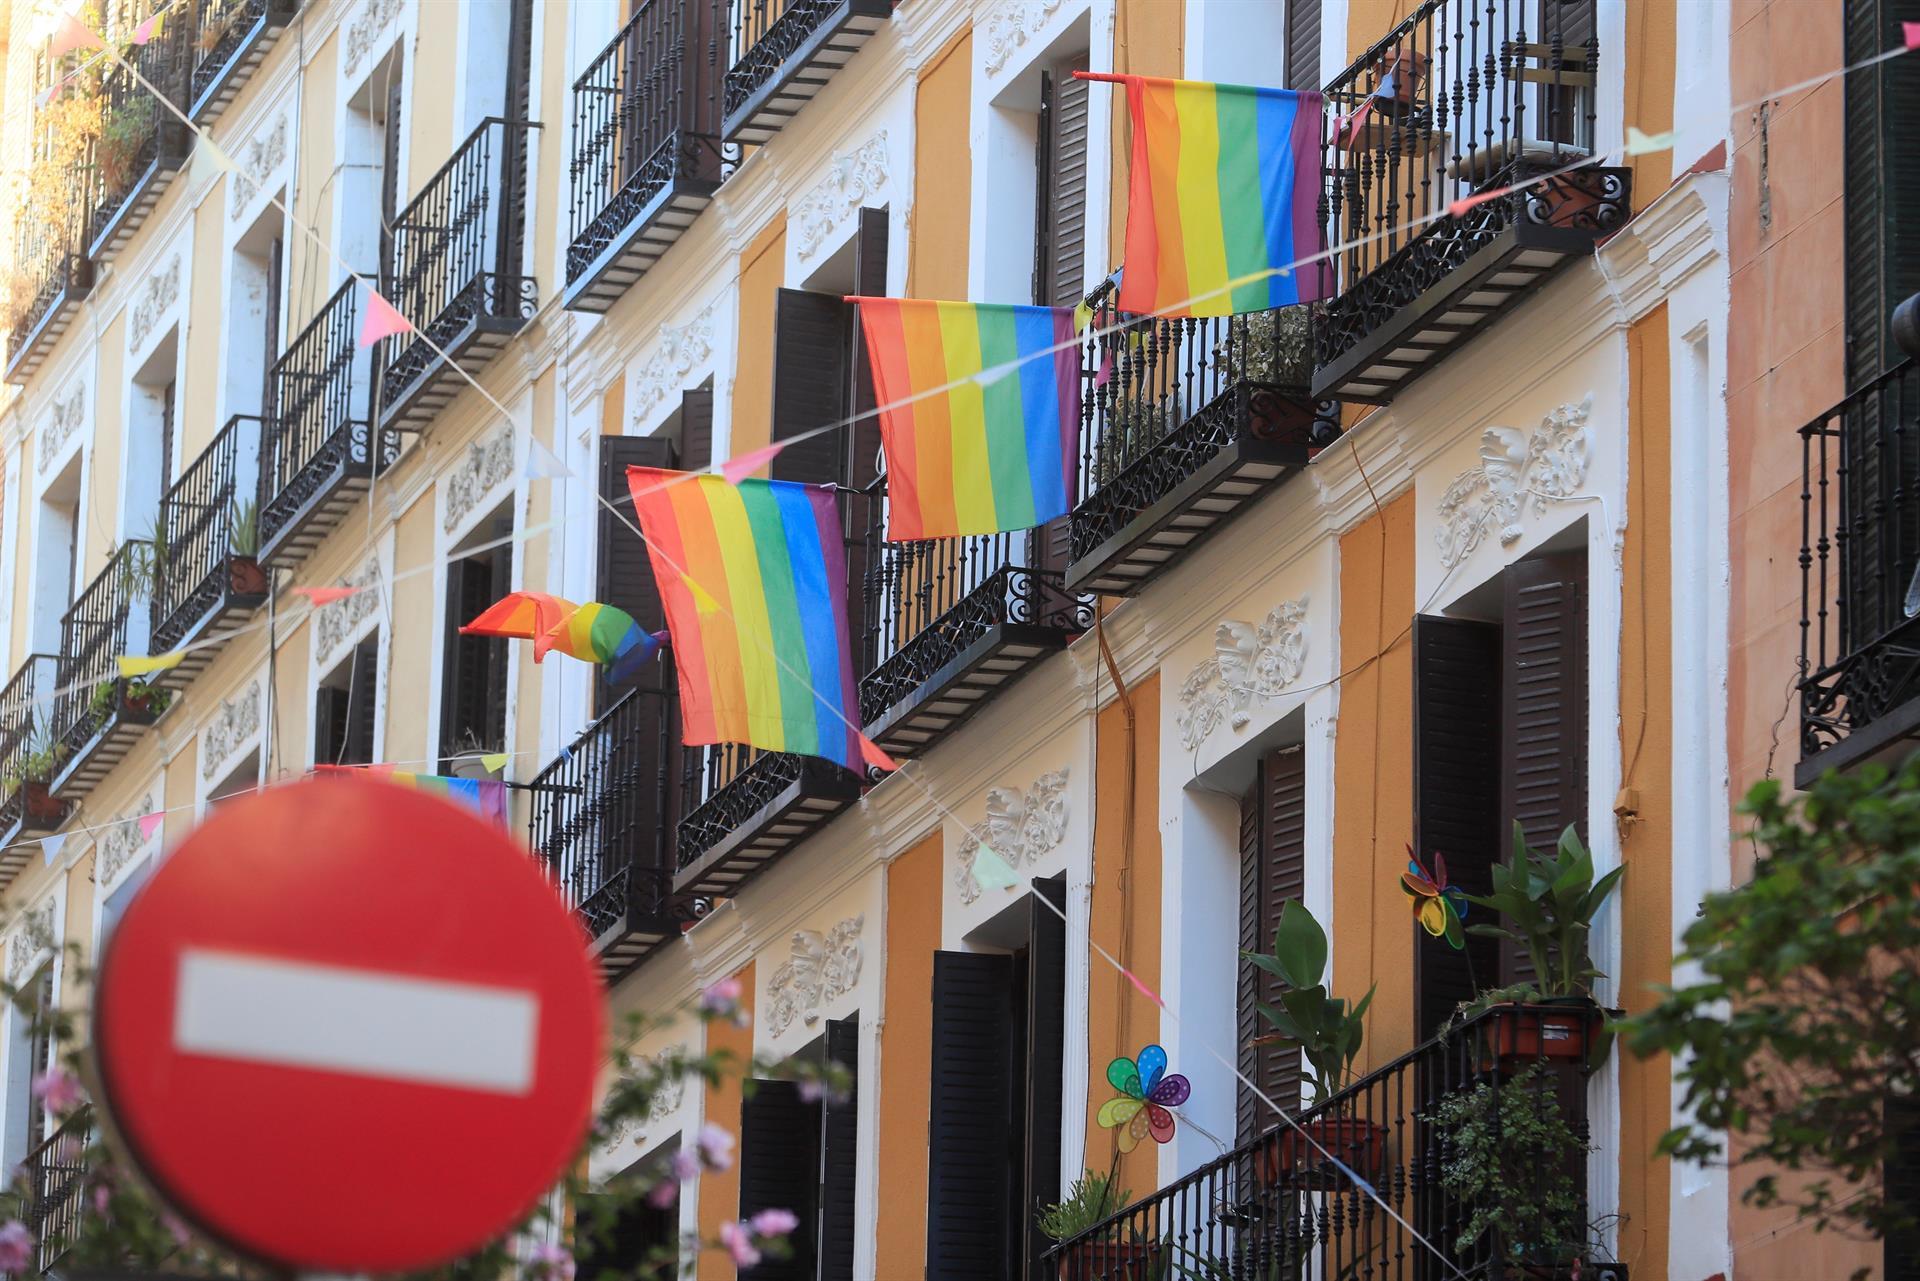 Tertulia: ¿Tiene alguna responsabilidad la delegada del Gobierno al permitir la manifestación homófoba en Chueca?